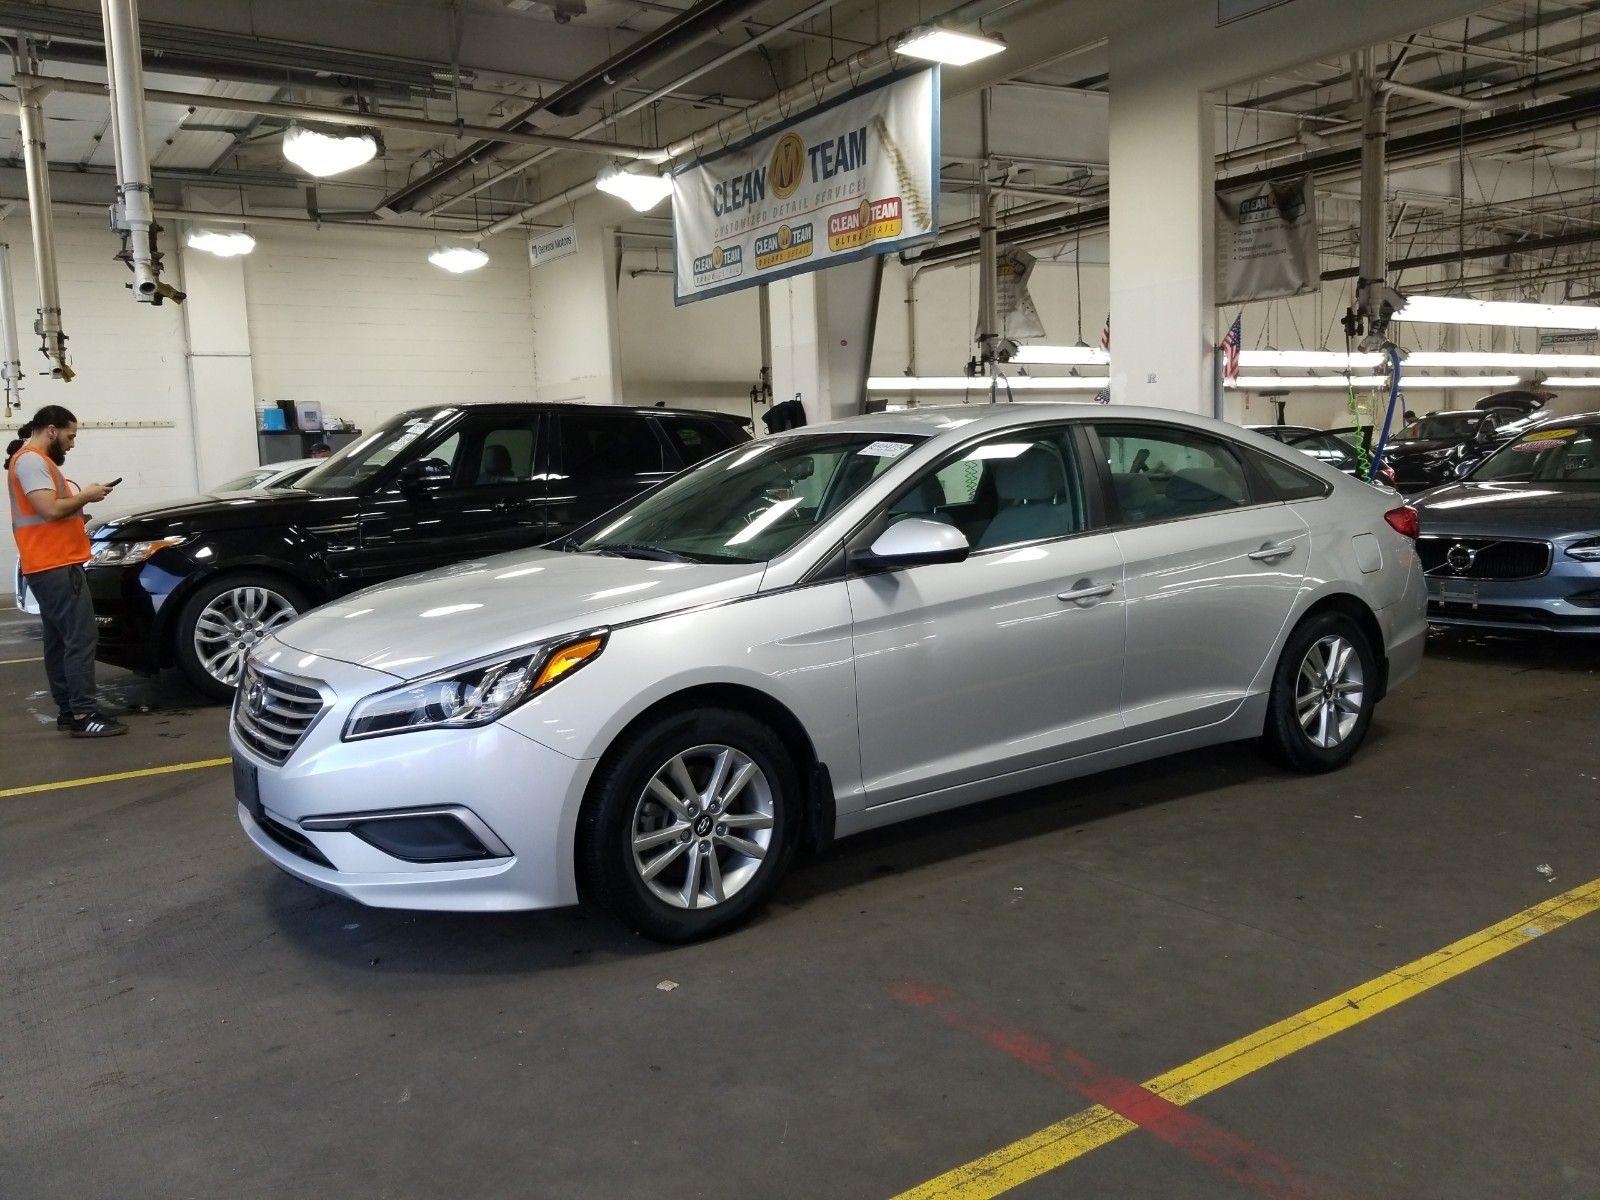 2017 Hyundai Sonata 2.4. Lot 99921080566 Vin 5NPE24AFXHH494957